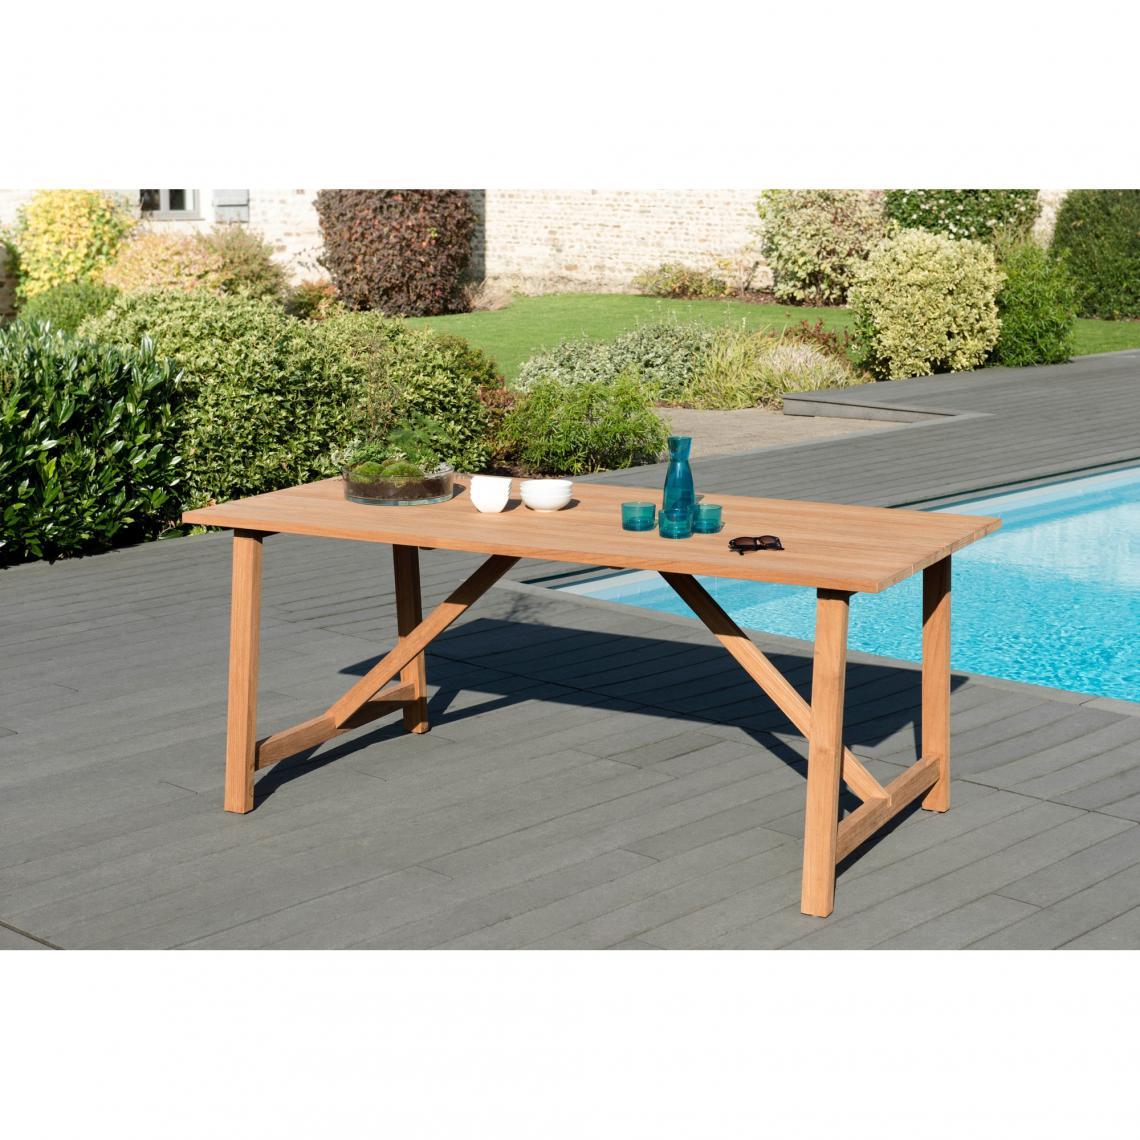 Table de jardin rectangulaire en teck massif Soho - Teck